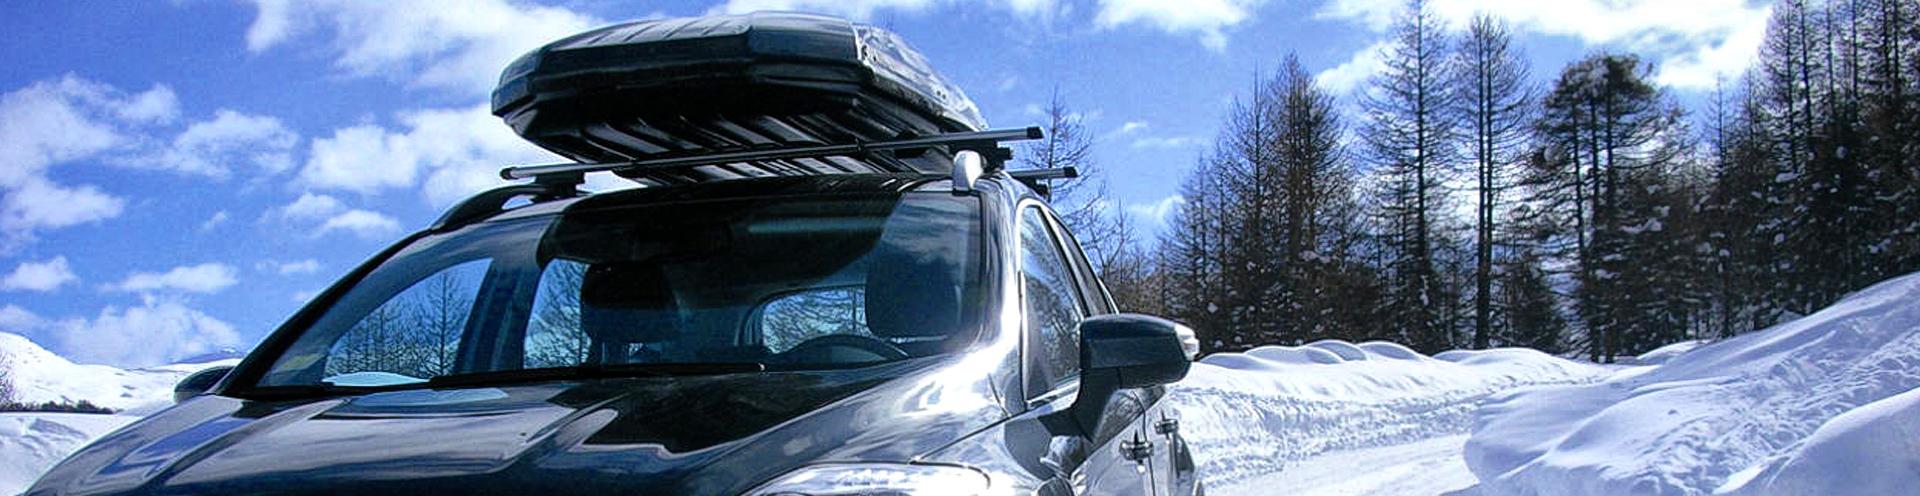 Eurotrade Accessori Auto